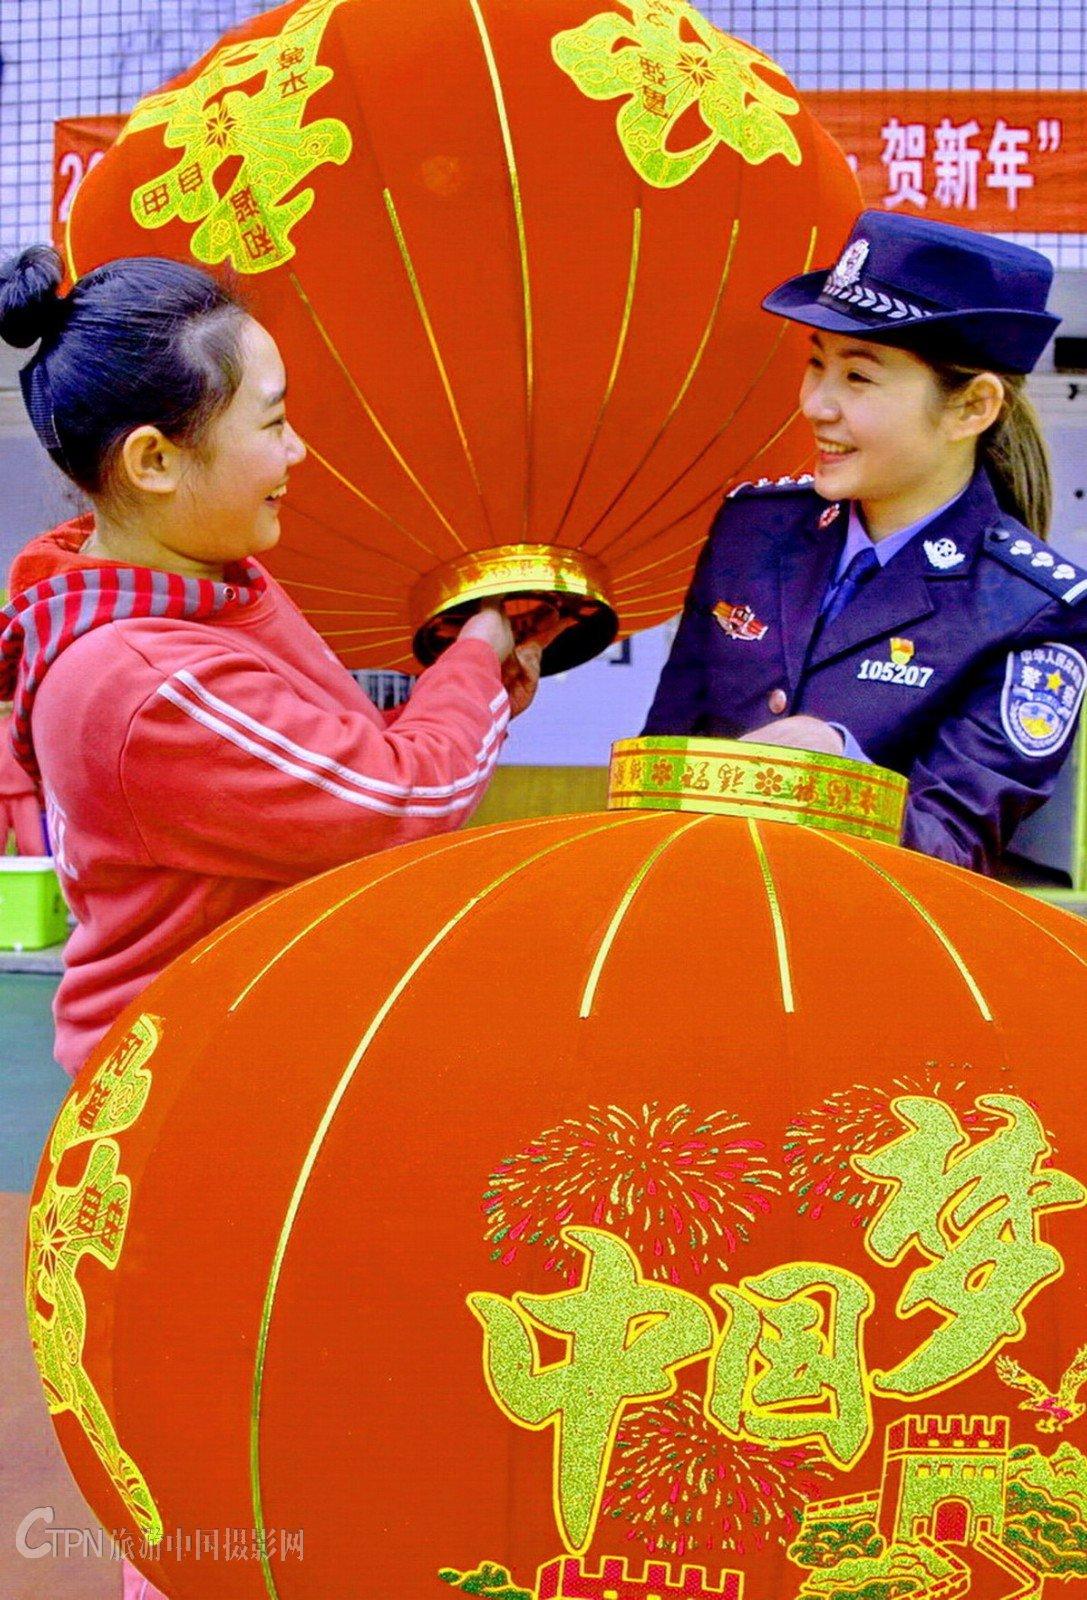 07-《中国梦幸福年》_4218.JPG